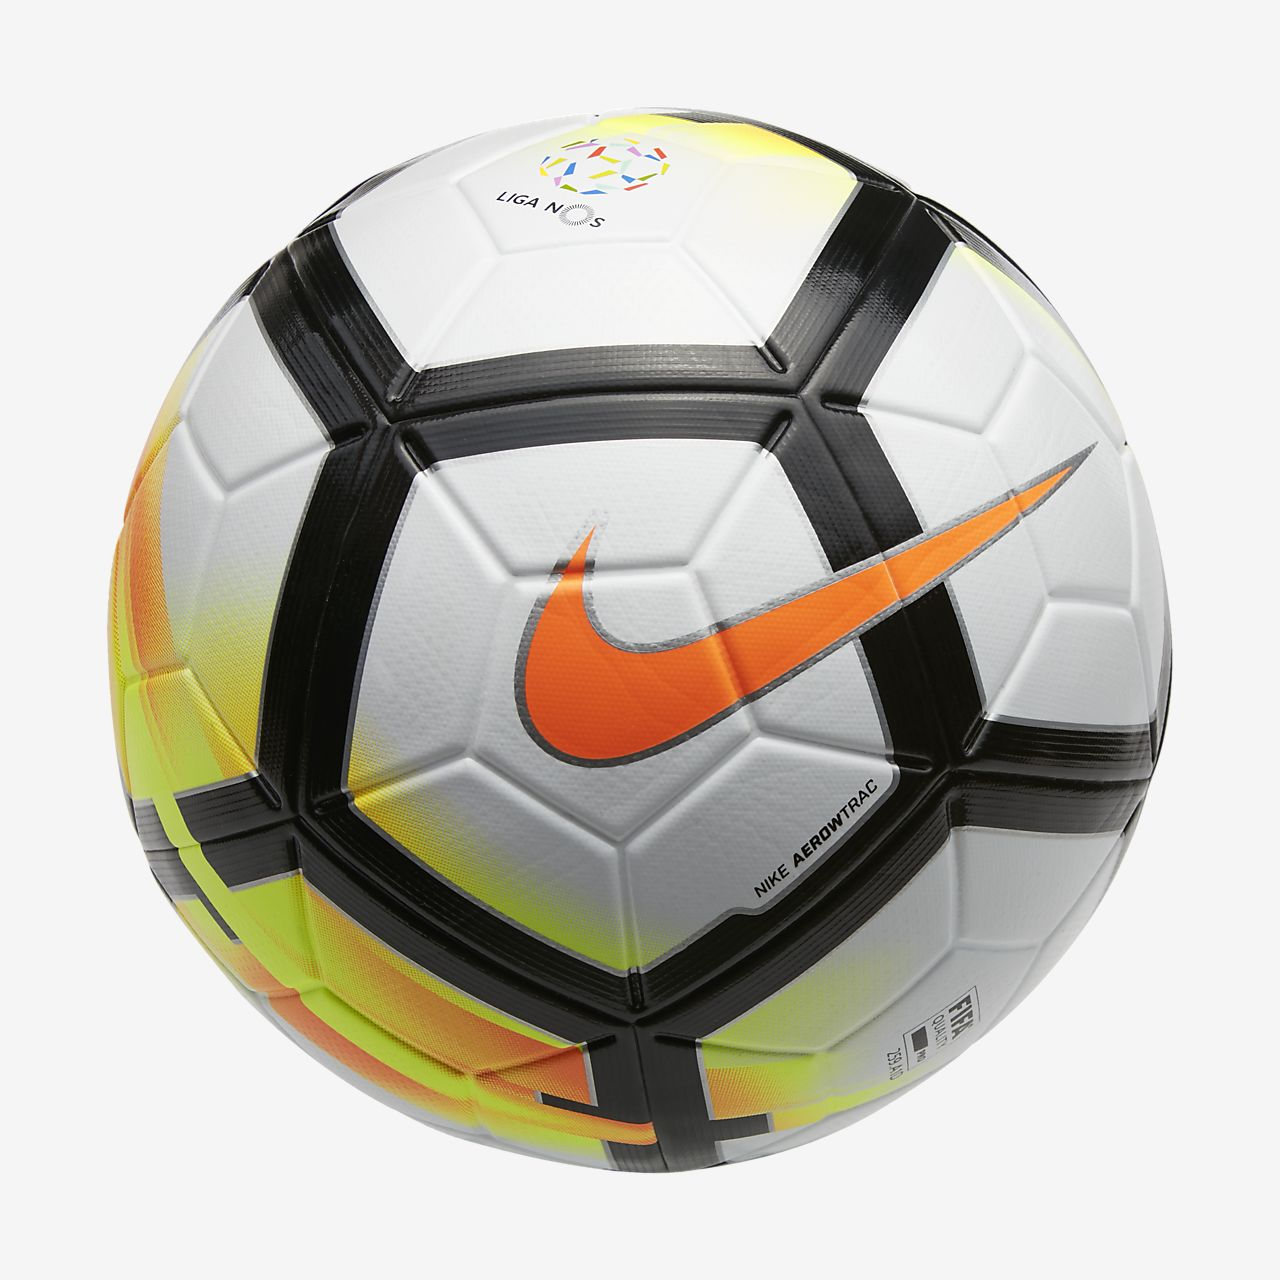 c4148f61f0 Bola de futebol Nike Ordem V Liga NOS. Nike.com PT